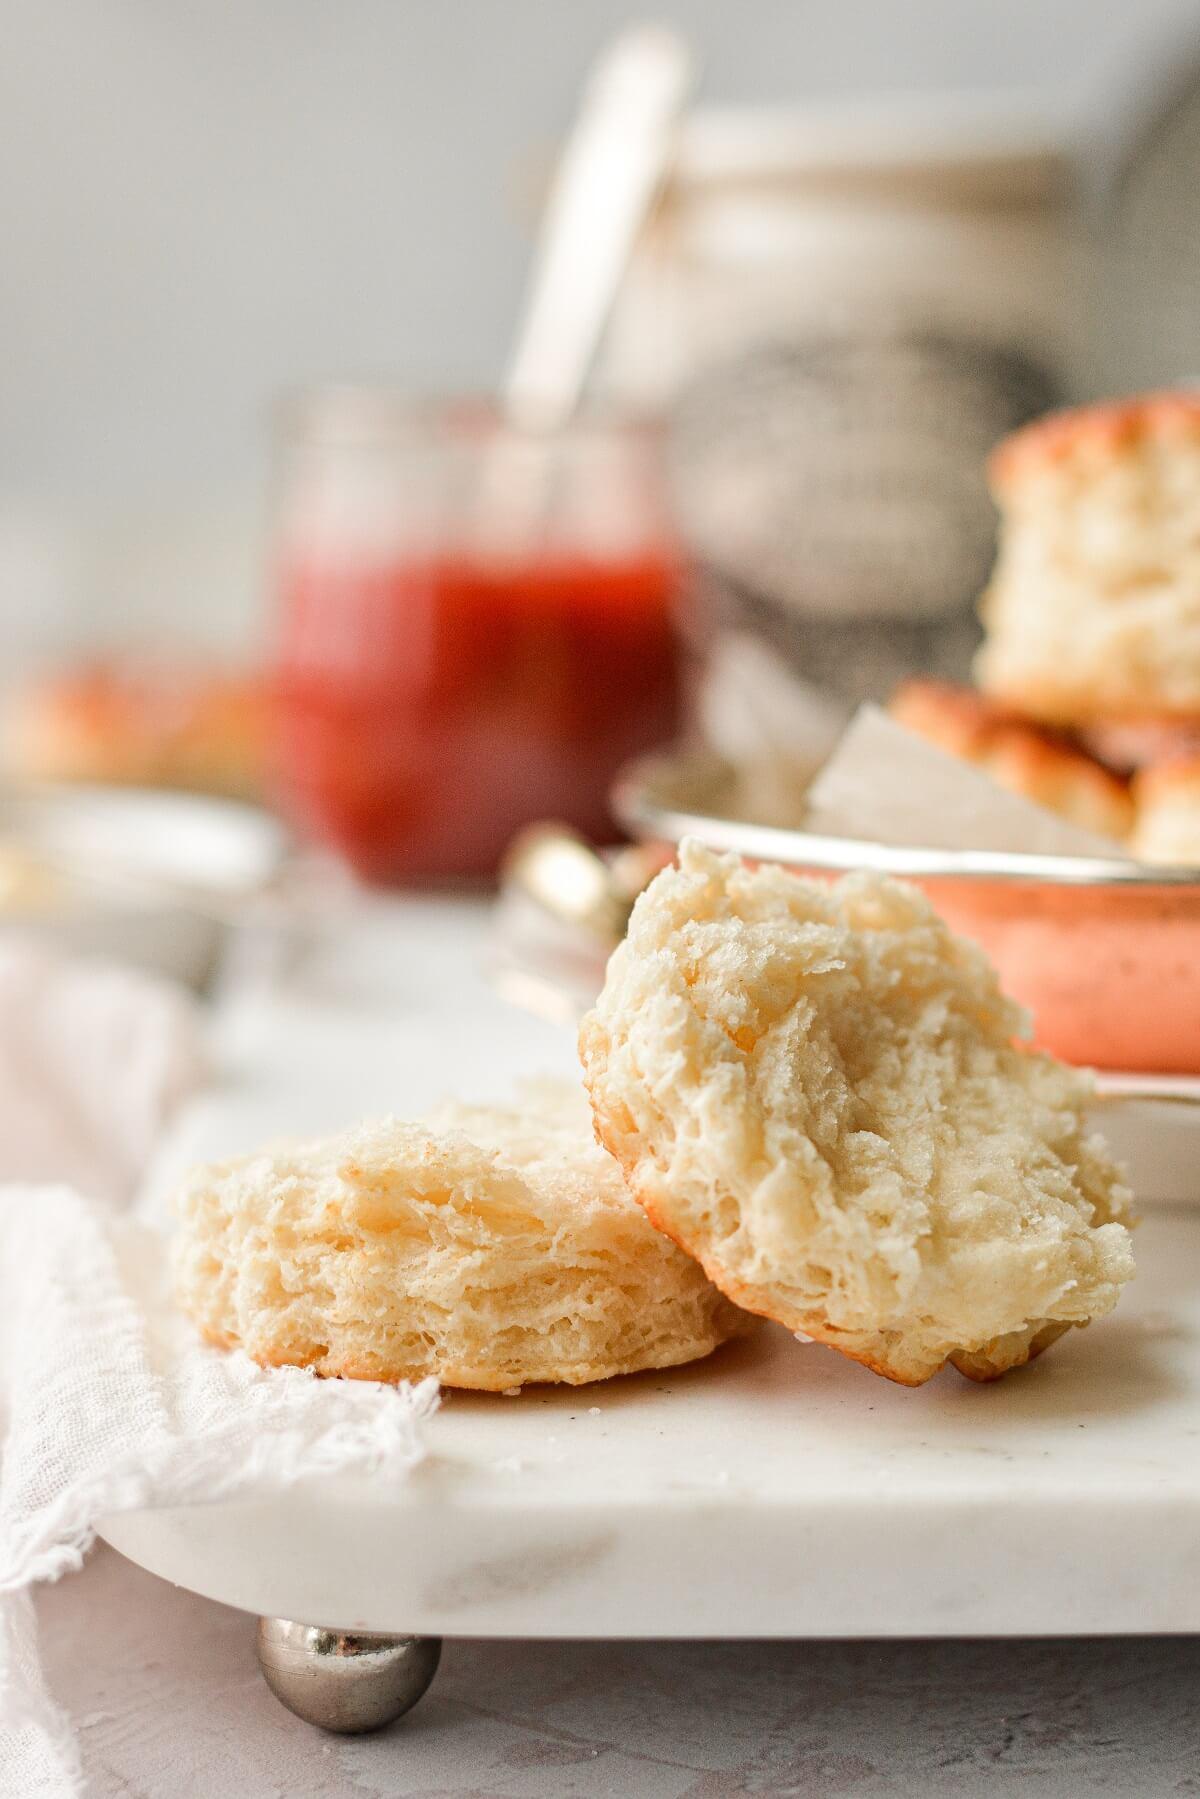 A fluffy baking powder biscuit, split in half.